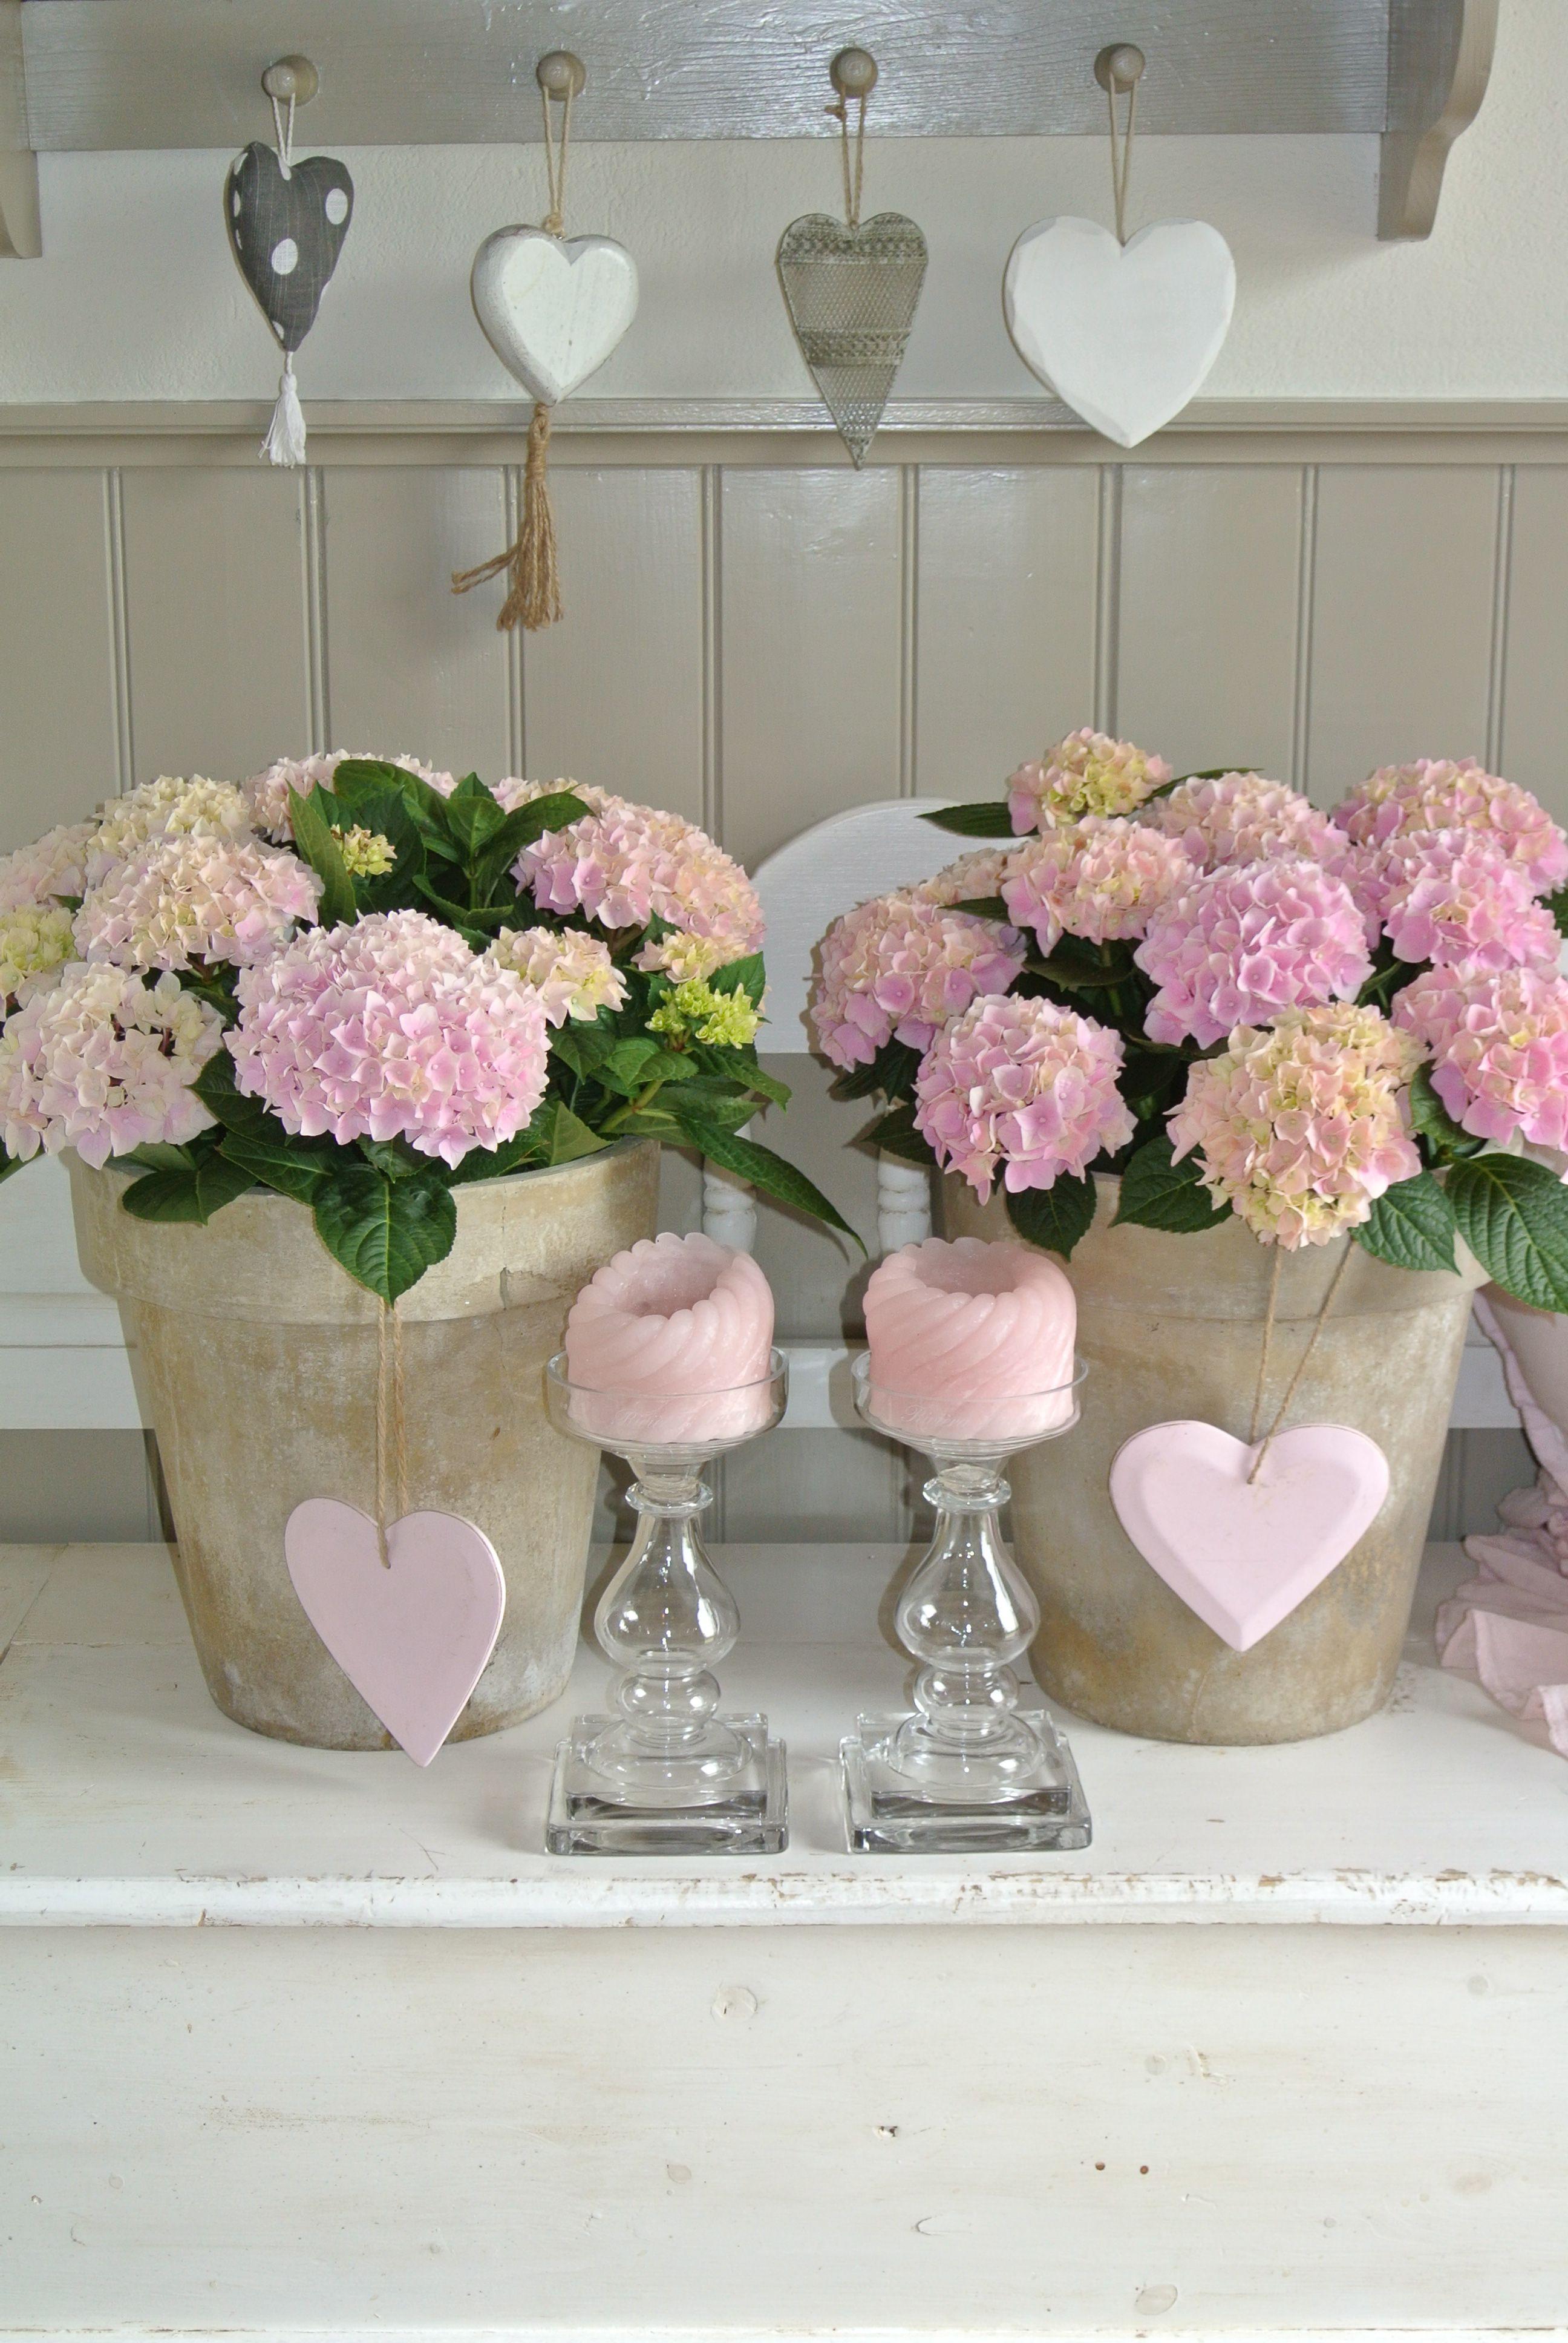 schattg haus pinterest hortensien deko und dekoration. Black Bedroom Furniture Sets. Home Design Ideas